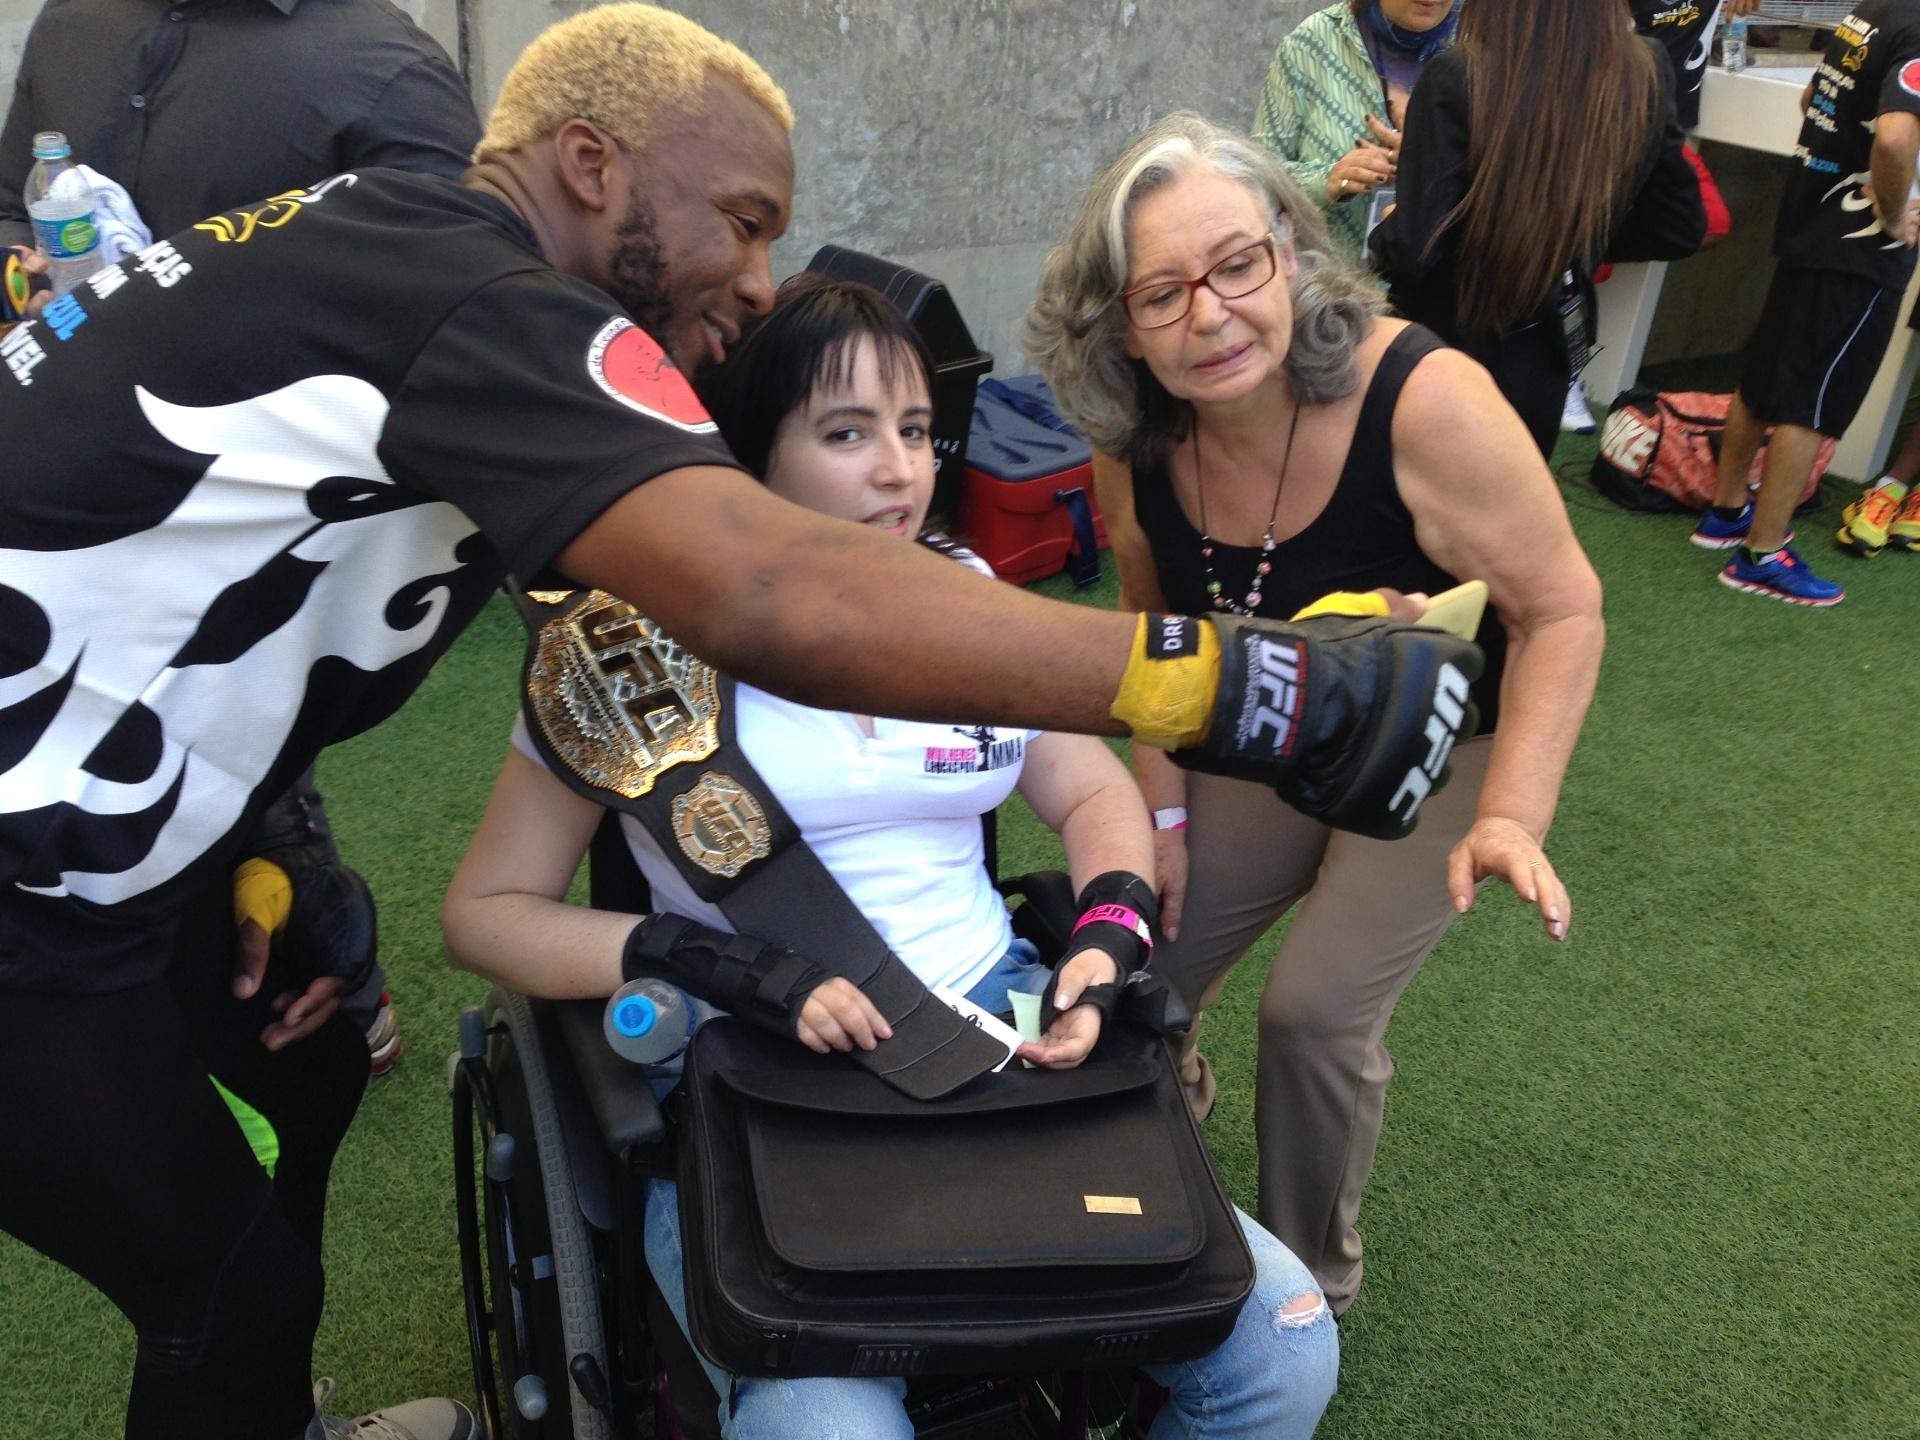 Patolino atende fã no Maracanã em treino aberto do UFC 179